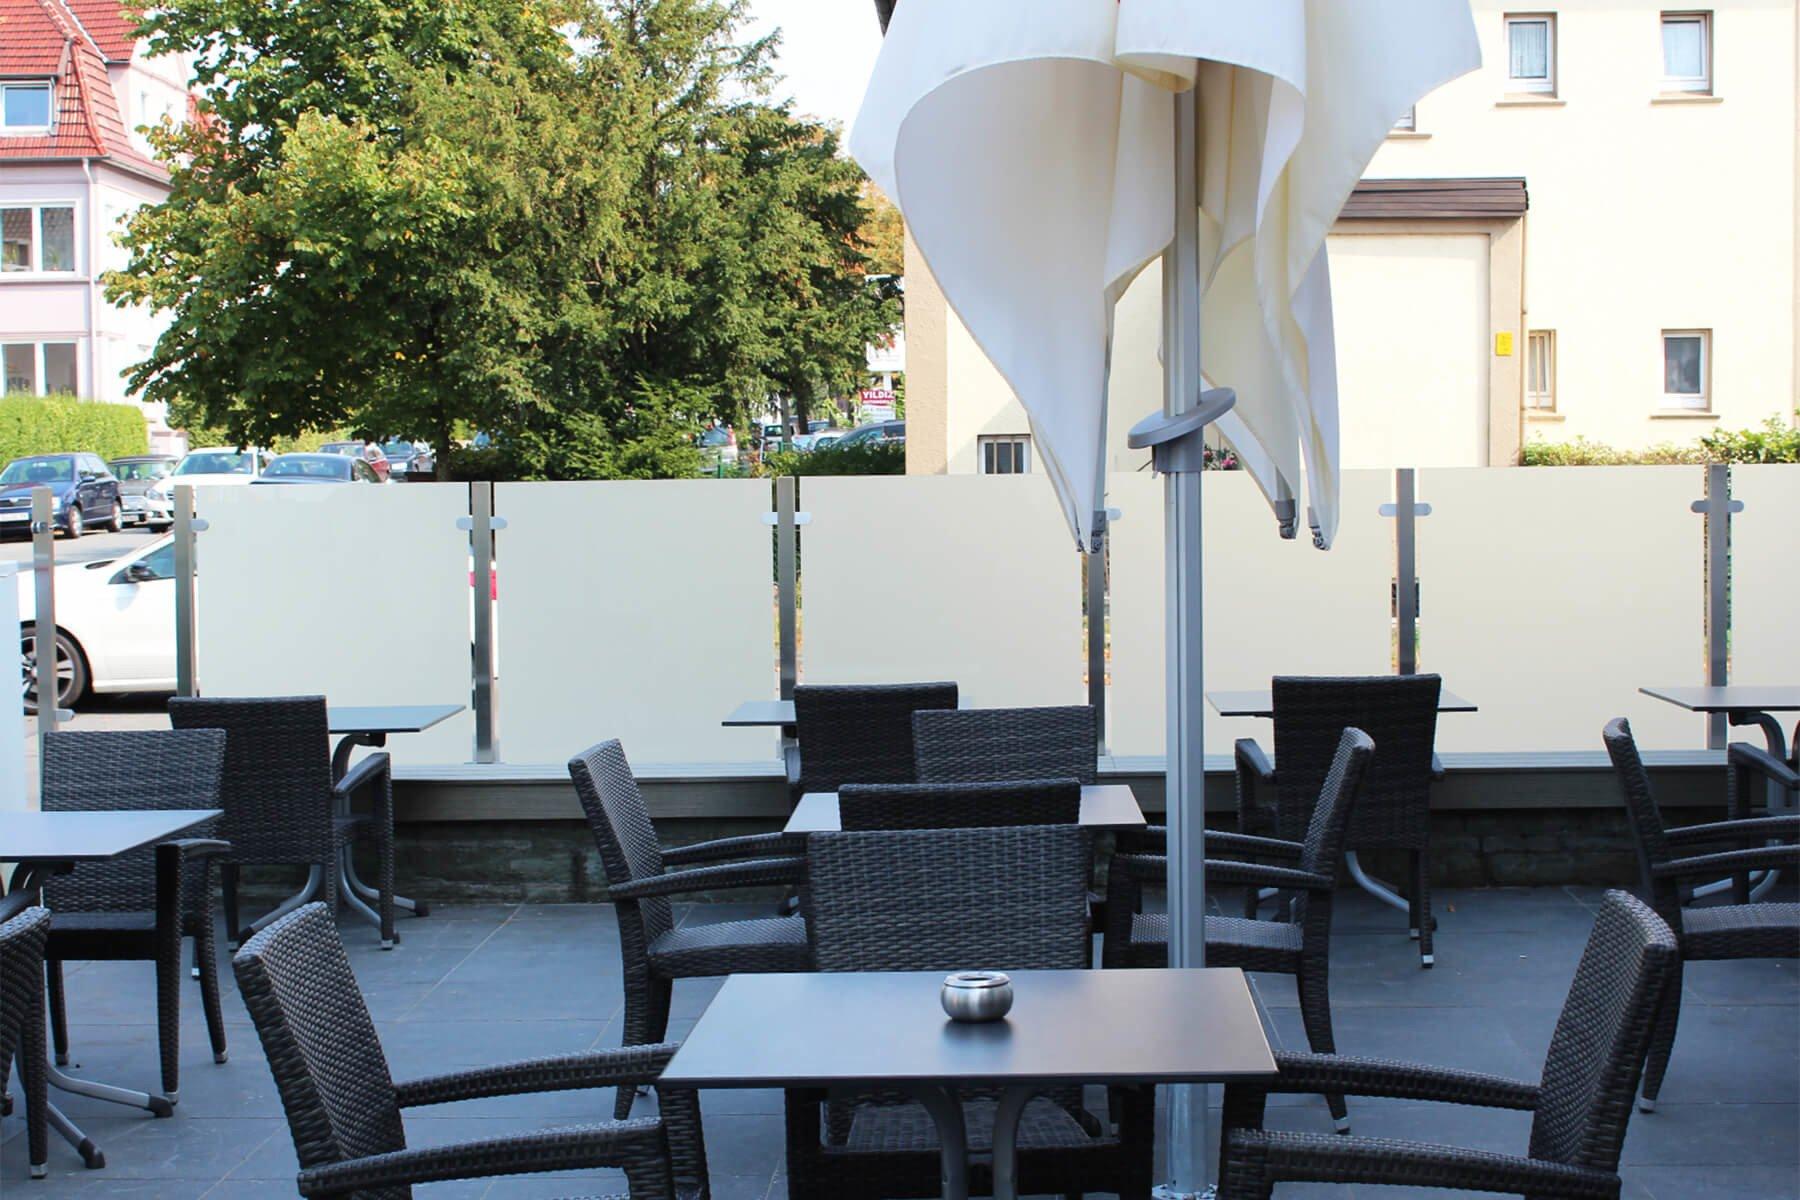 moderner-eleganter-blickdichter-glaszaun-ideal-fuer- aussenbereiche-in-der-gastronomie